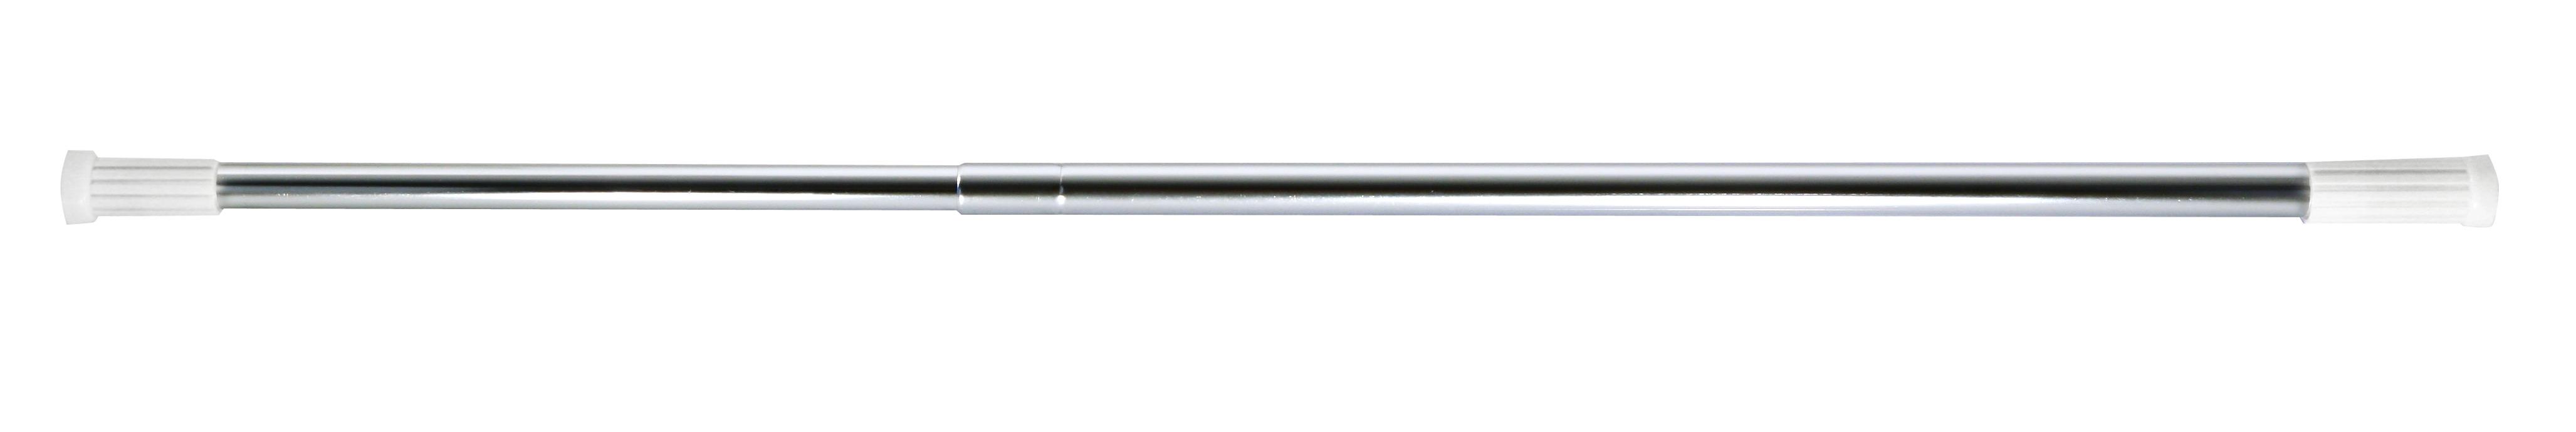 Bara extensibila 70-120cm, suport pentru perdea de dus - AWD02100230